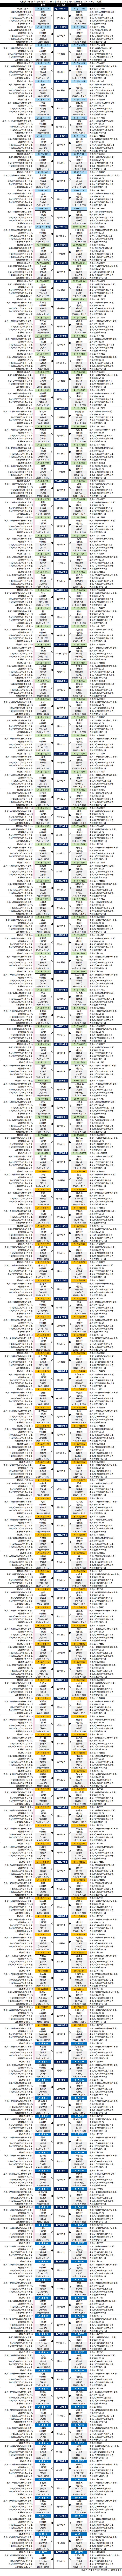 大相撲・2019年11月場所2日目・幕下以下の取組結果